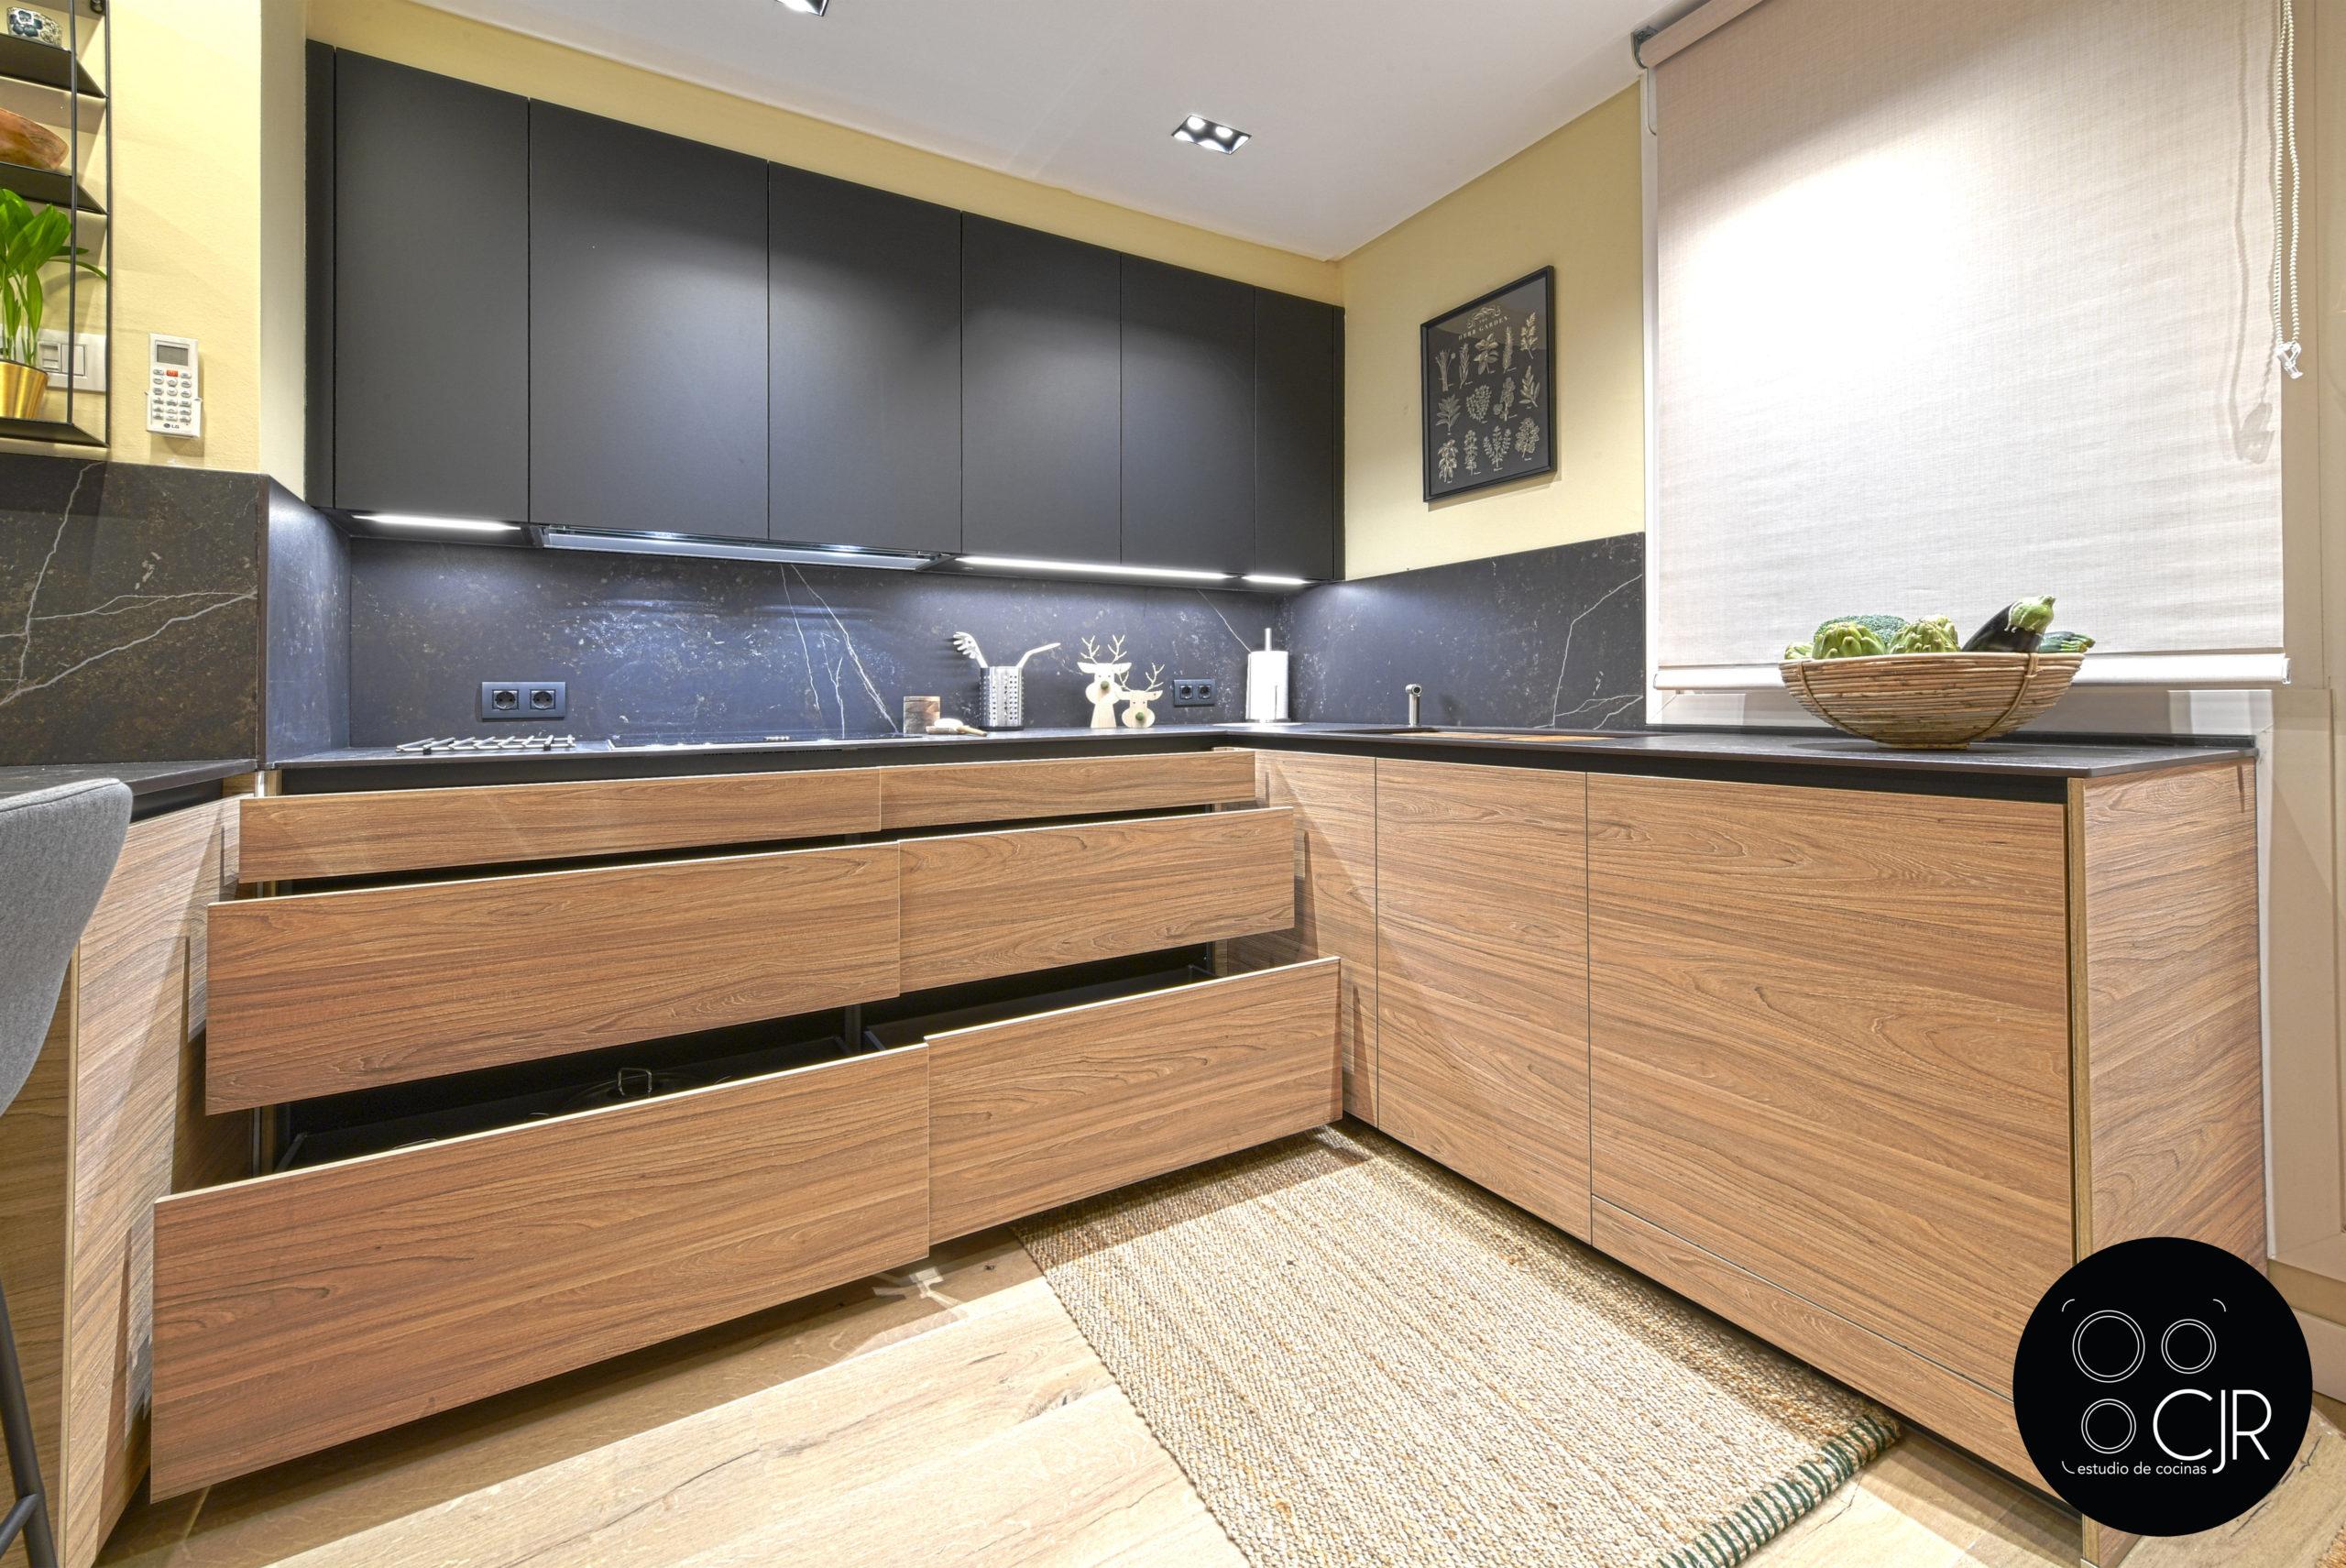 Cajonera inferior en cocina moderna negra y madera